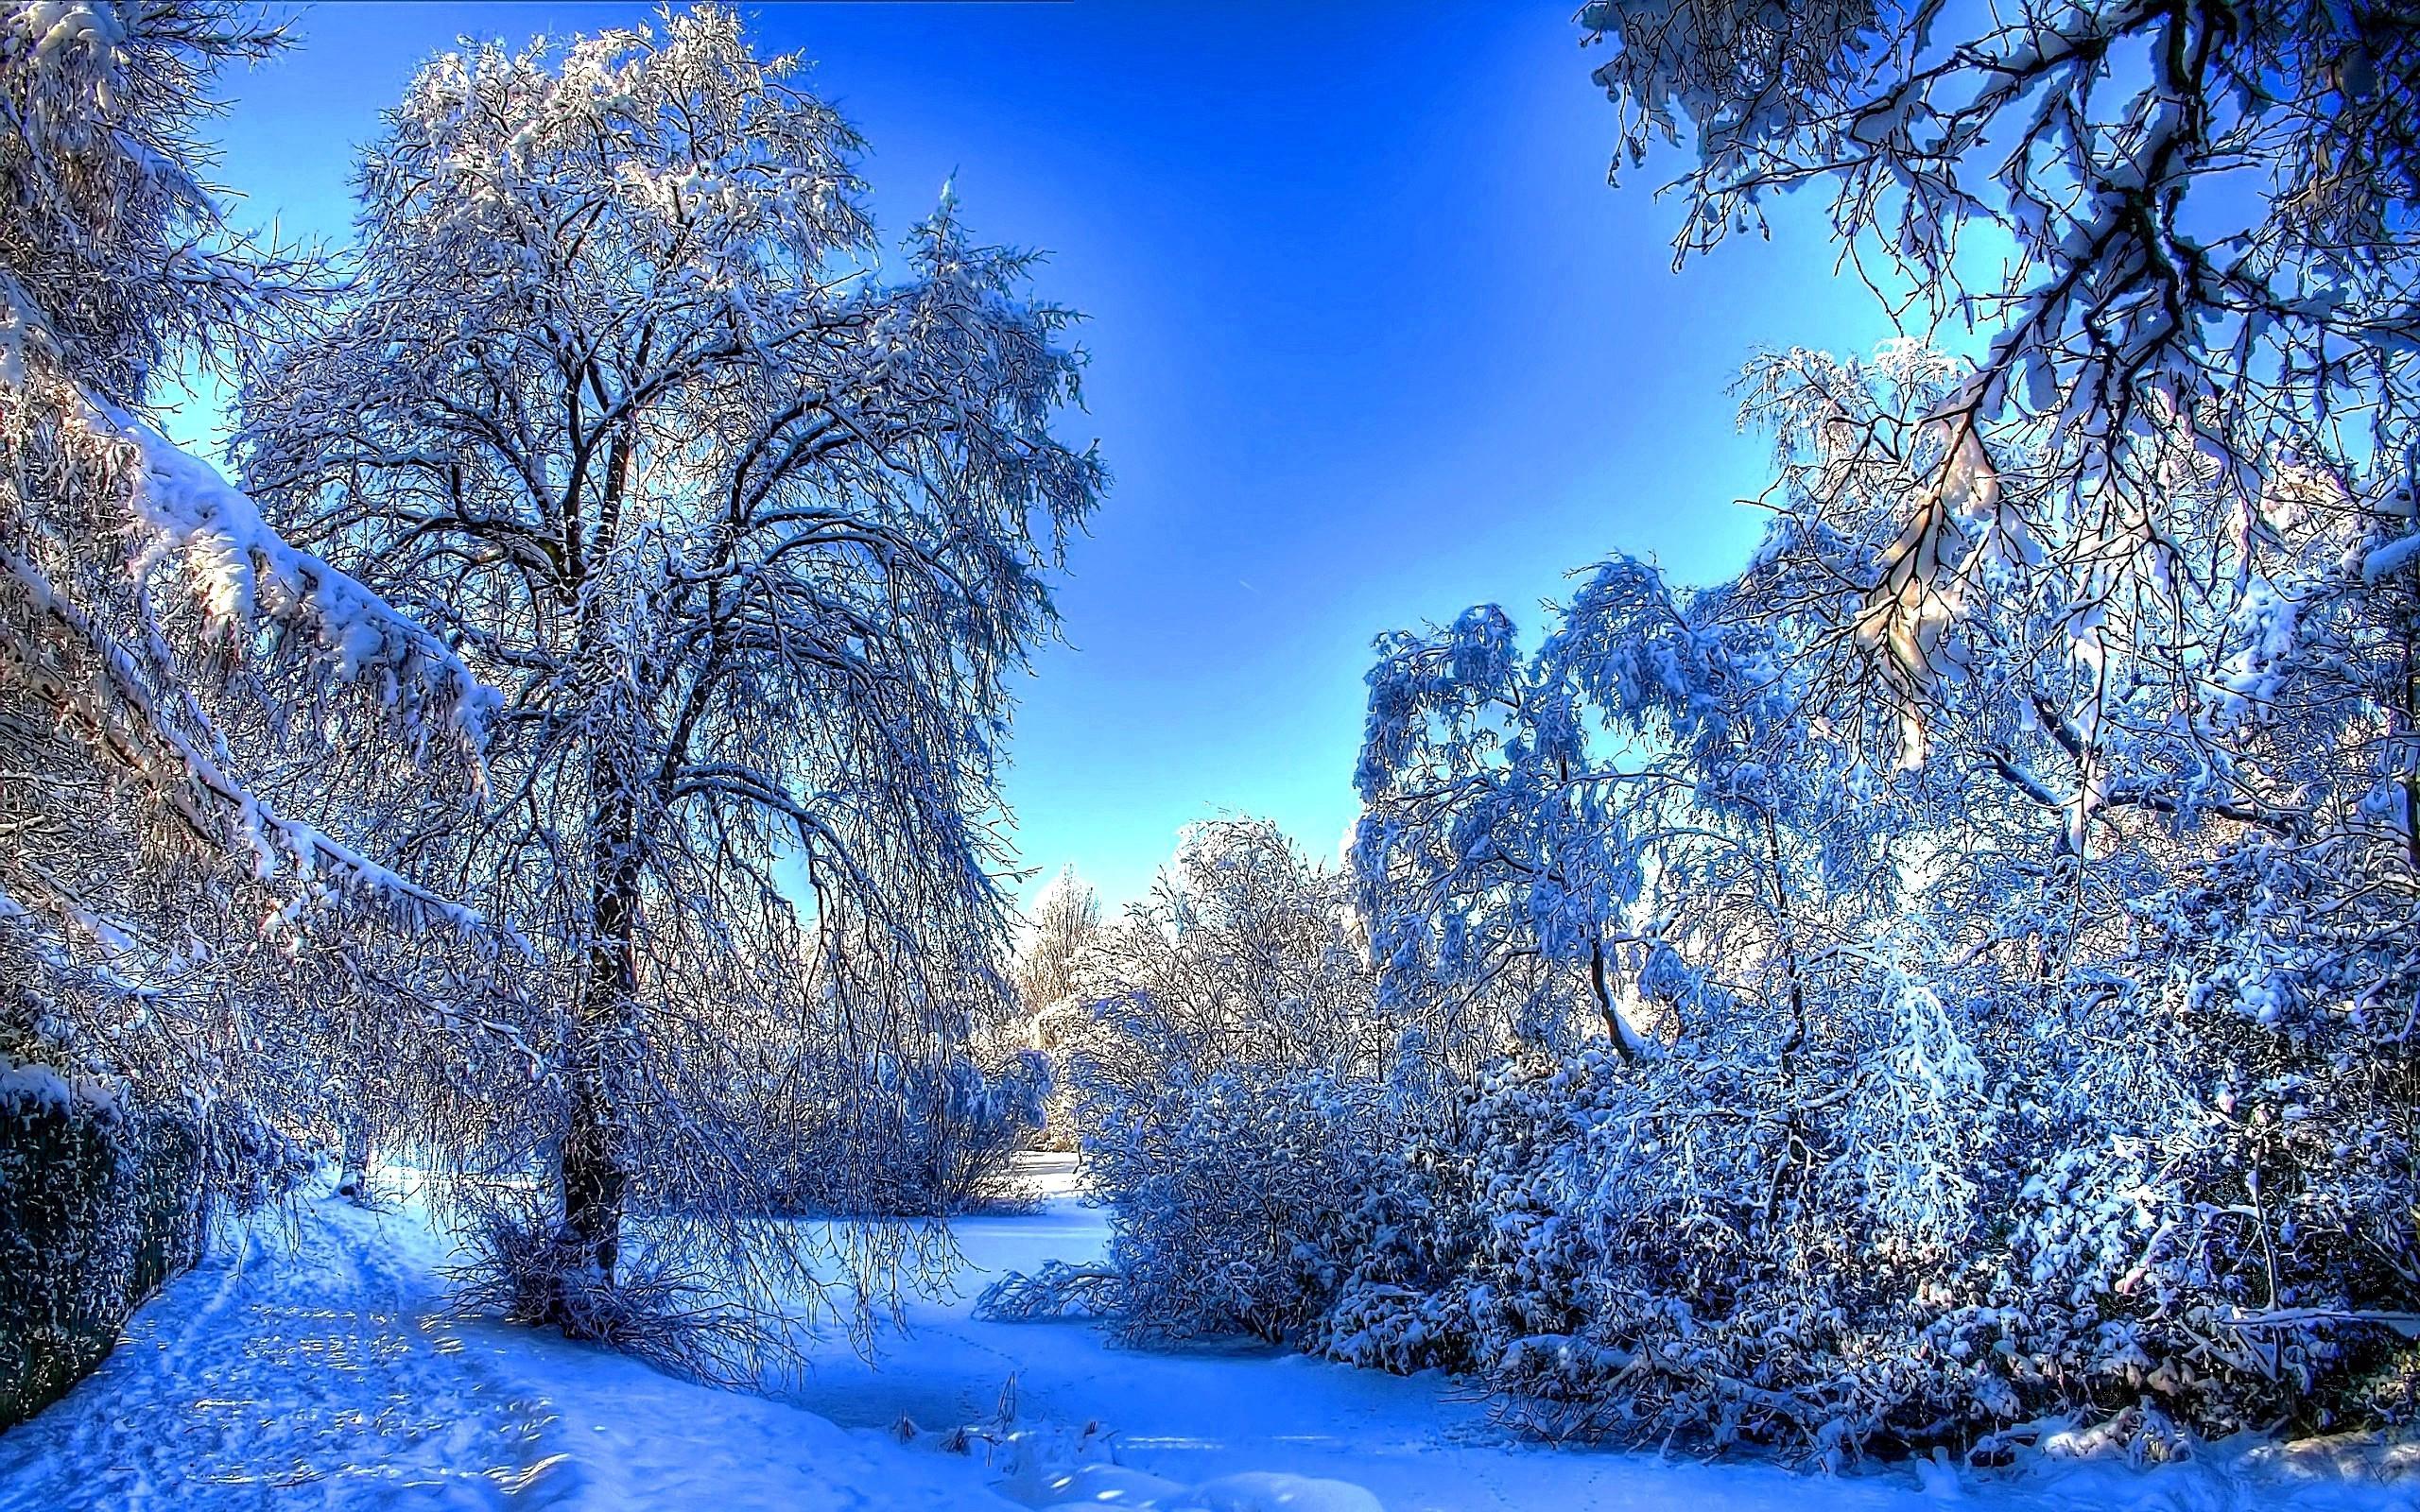 прибор смотреть картинки зимы на рабочий стол люди, виновата